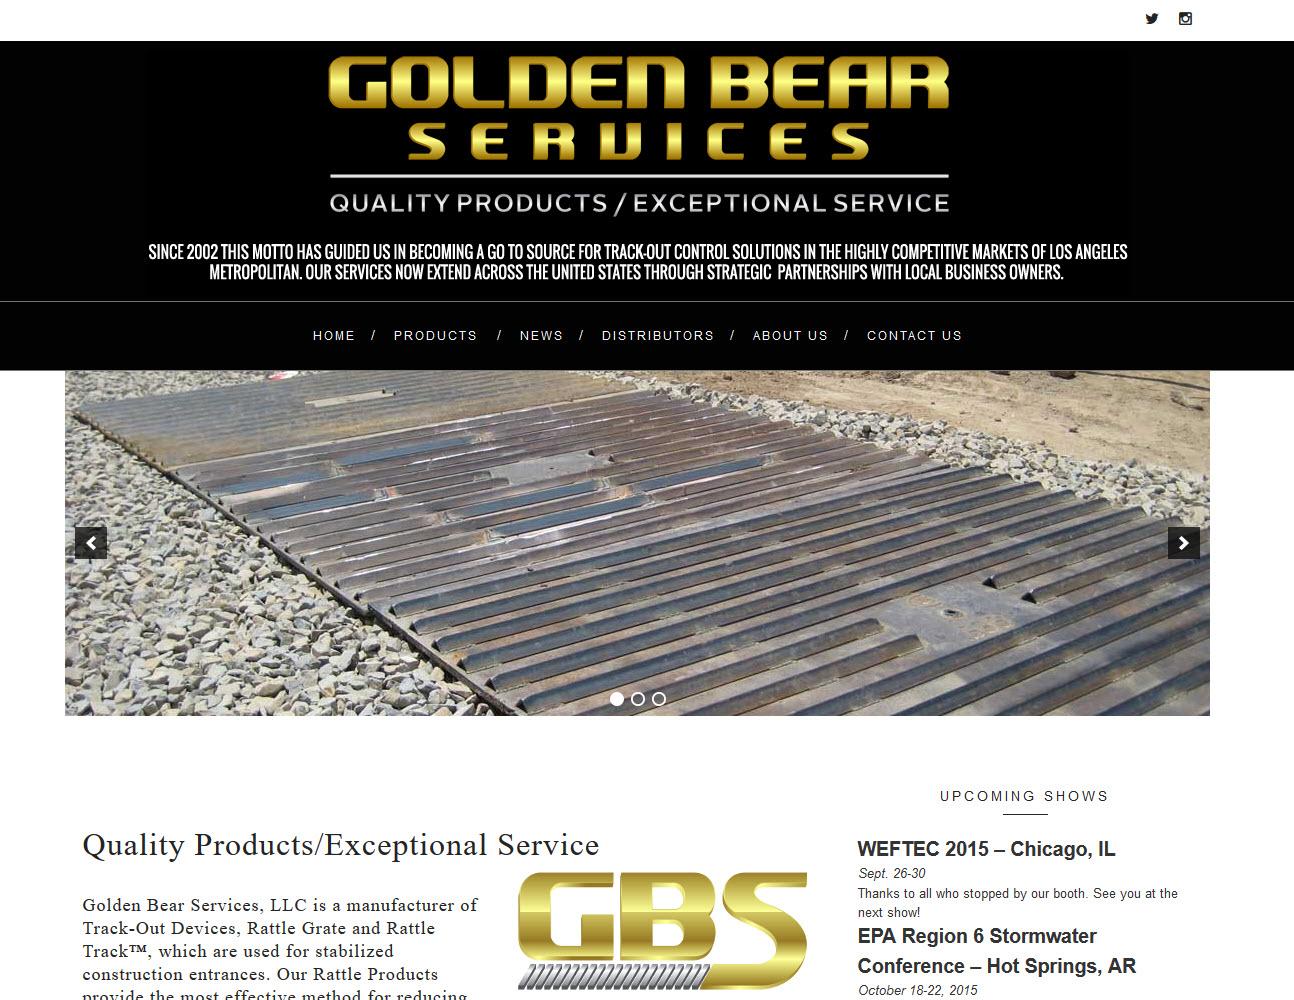 Golden Bear Services